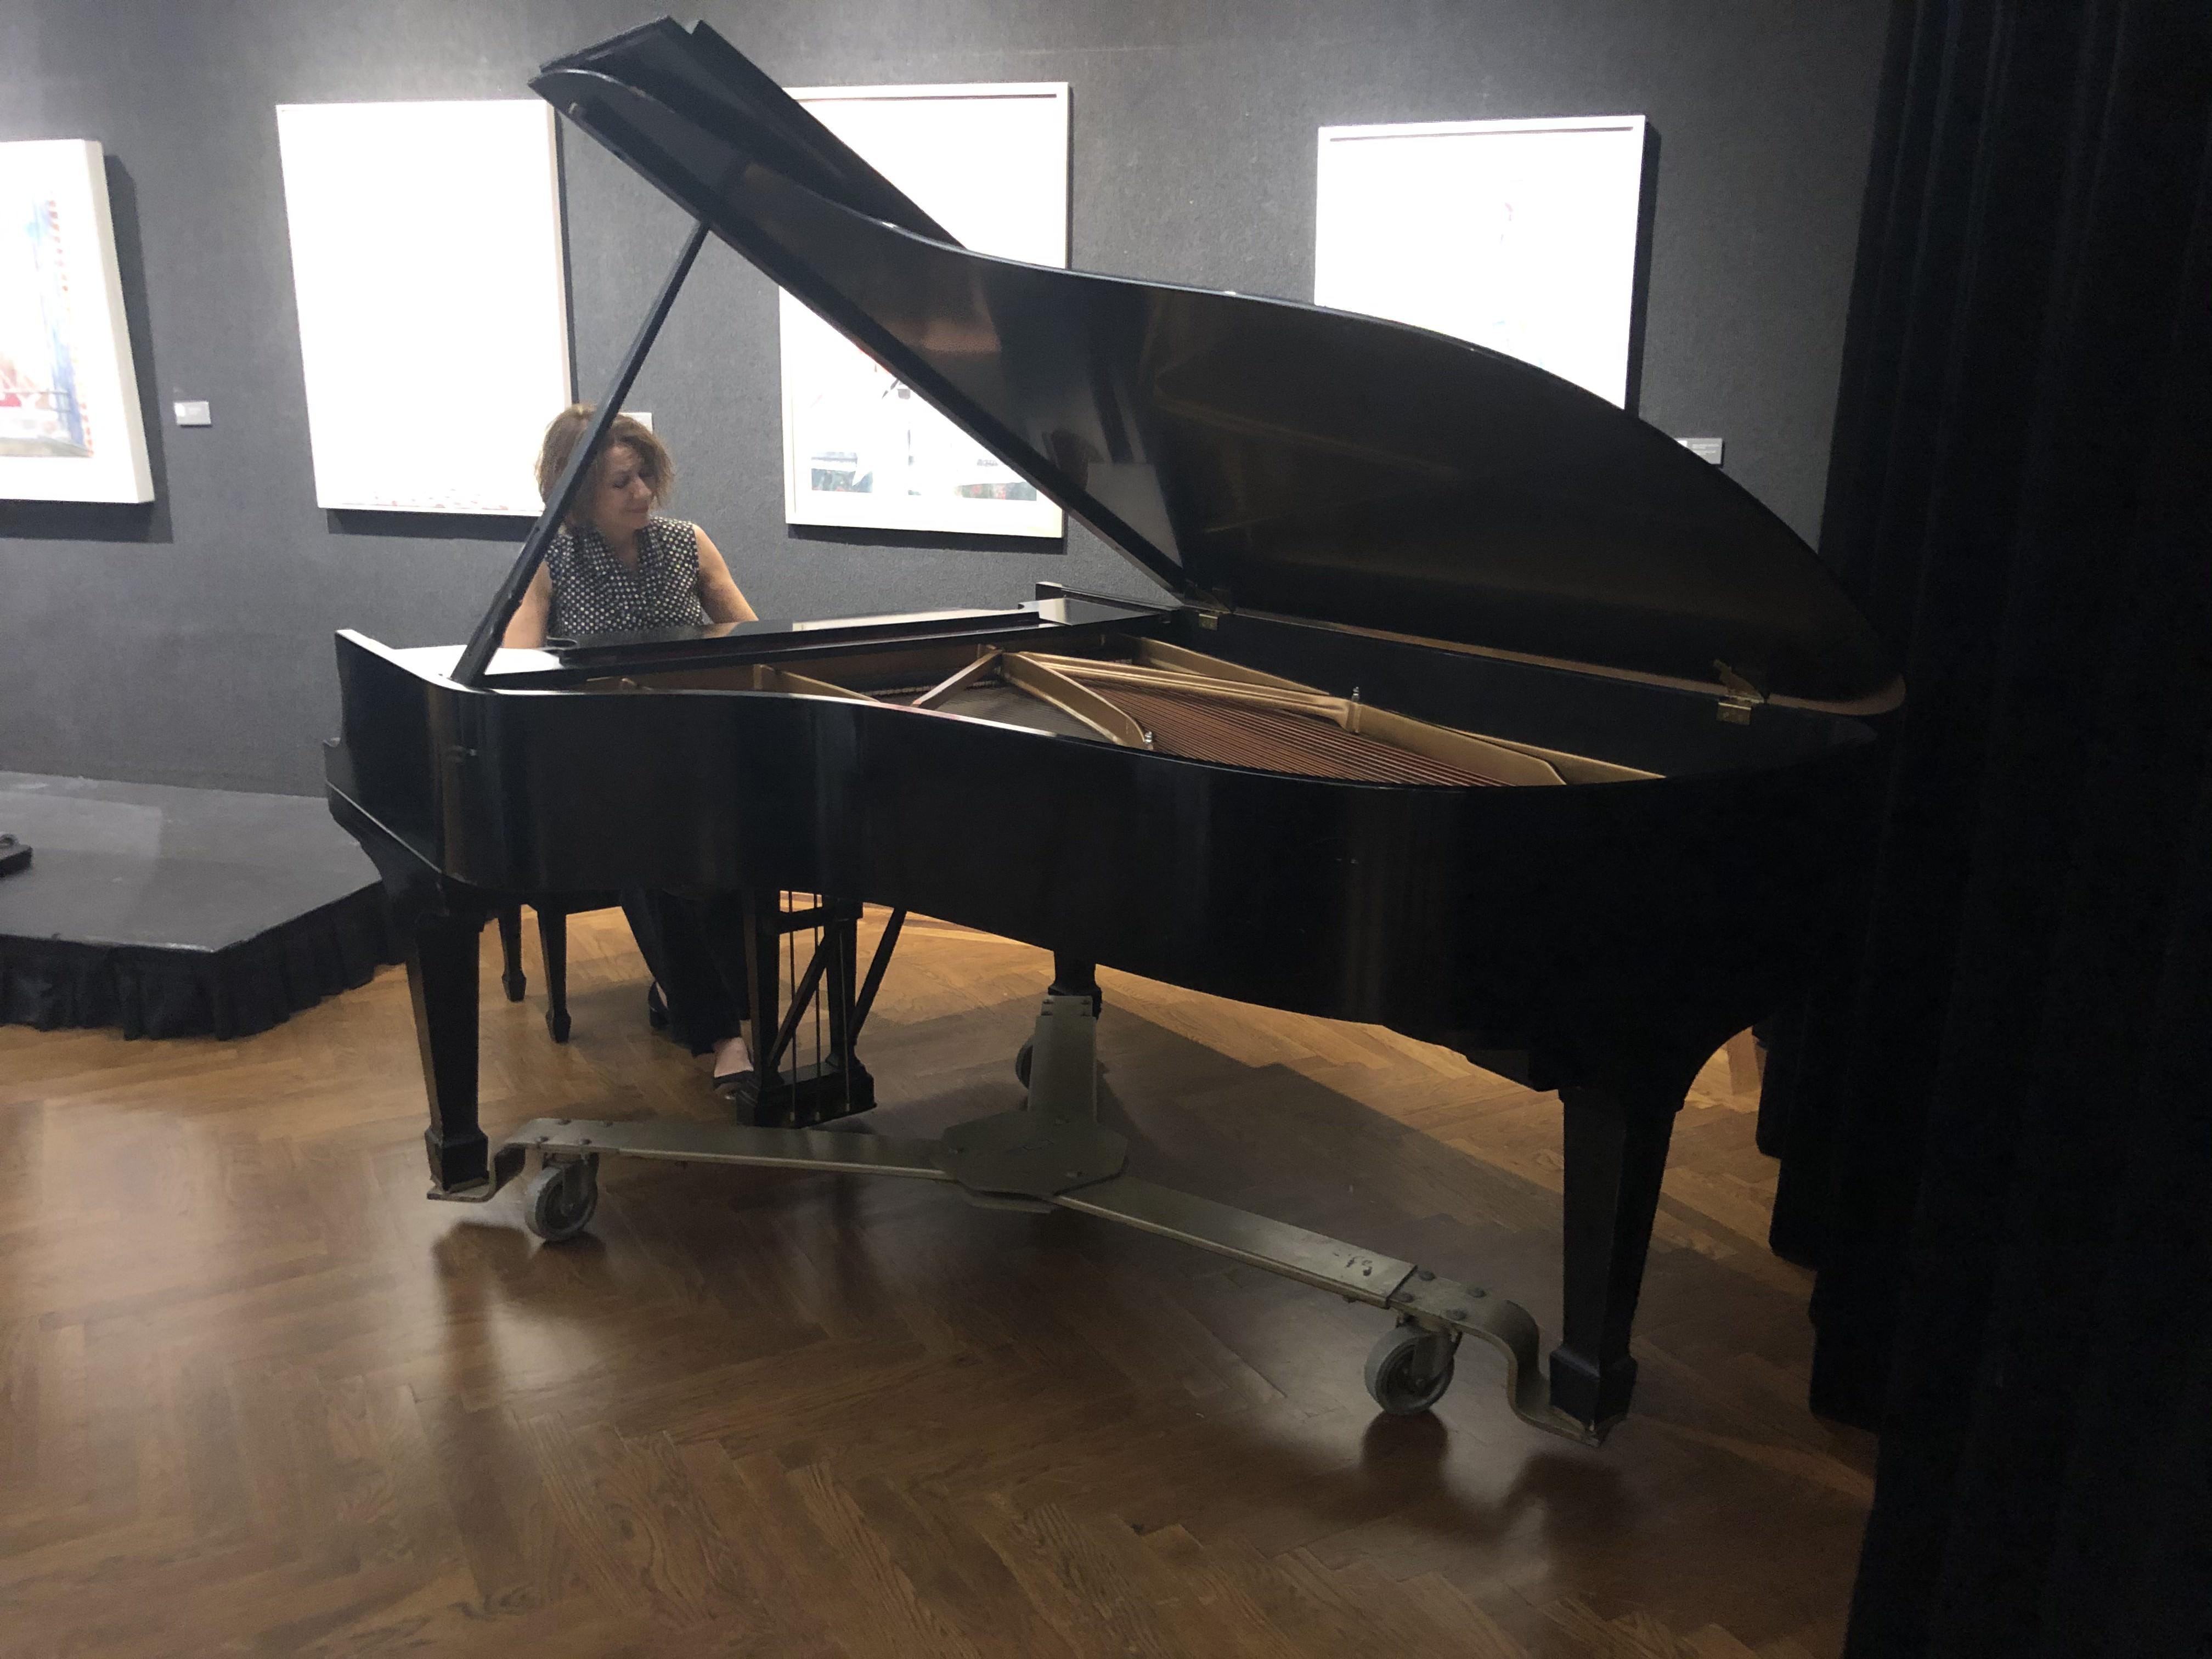 Oct 16, 2019 Tatjana Rankovich